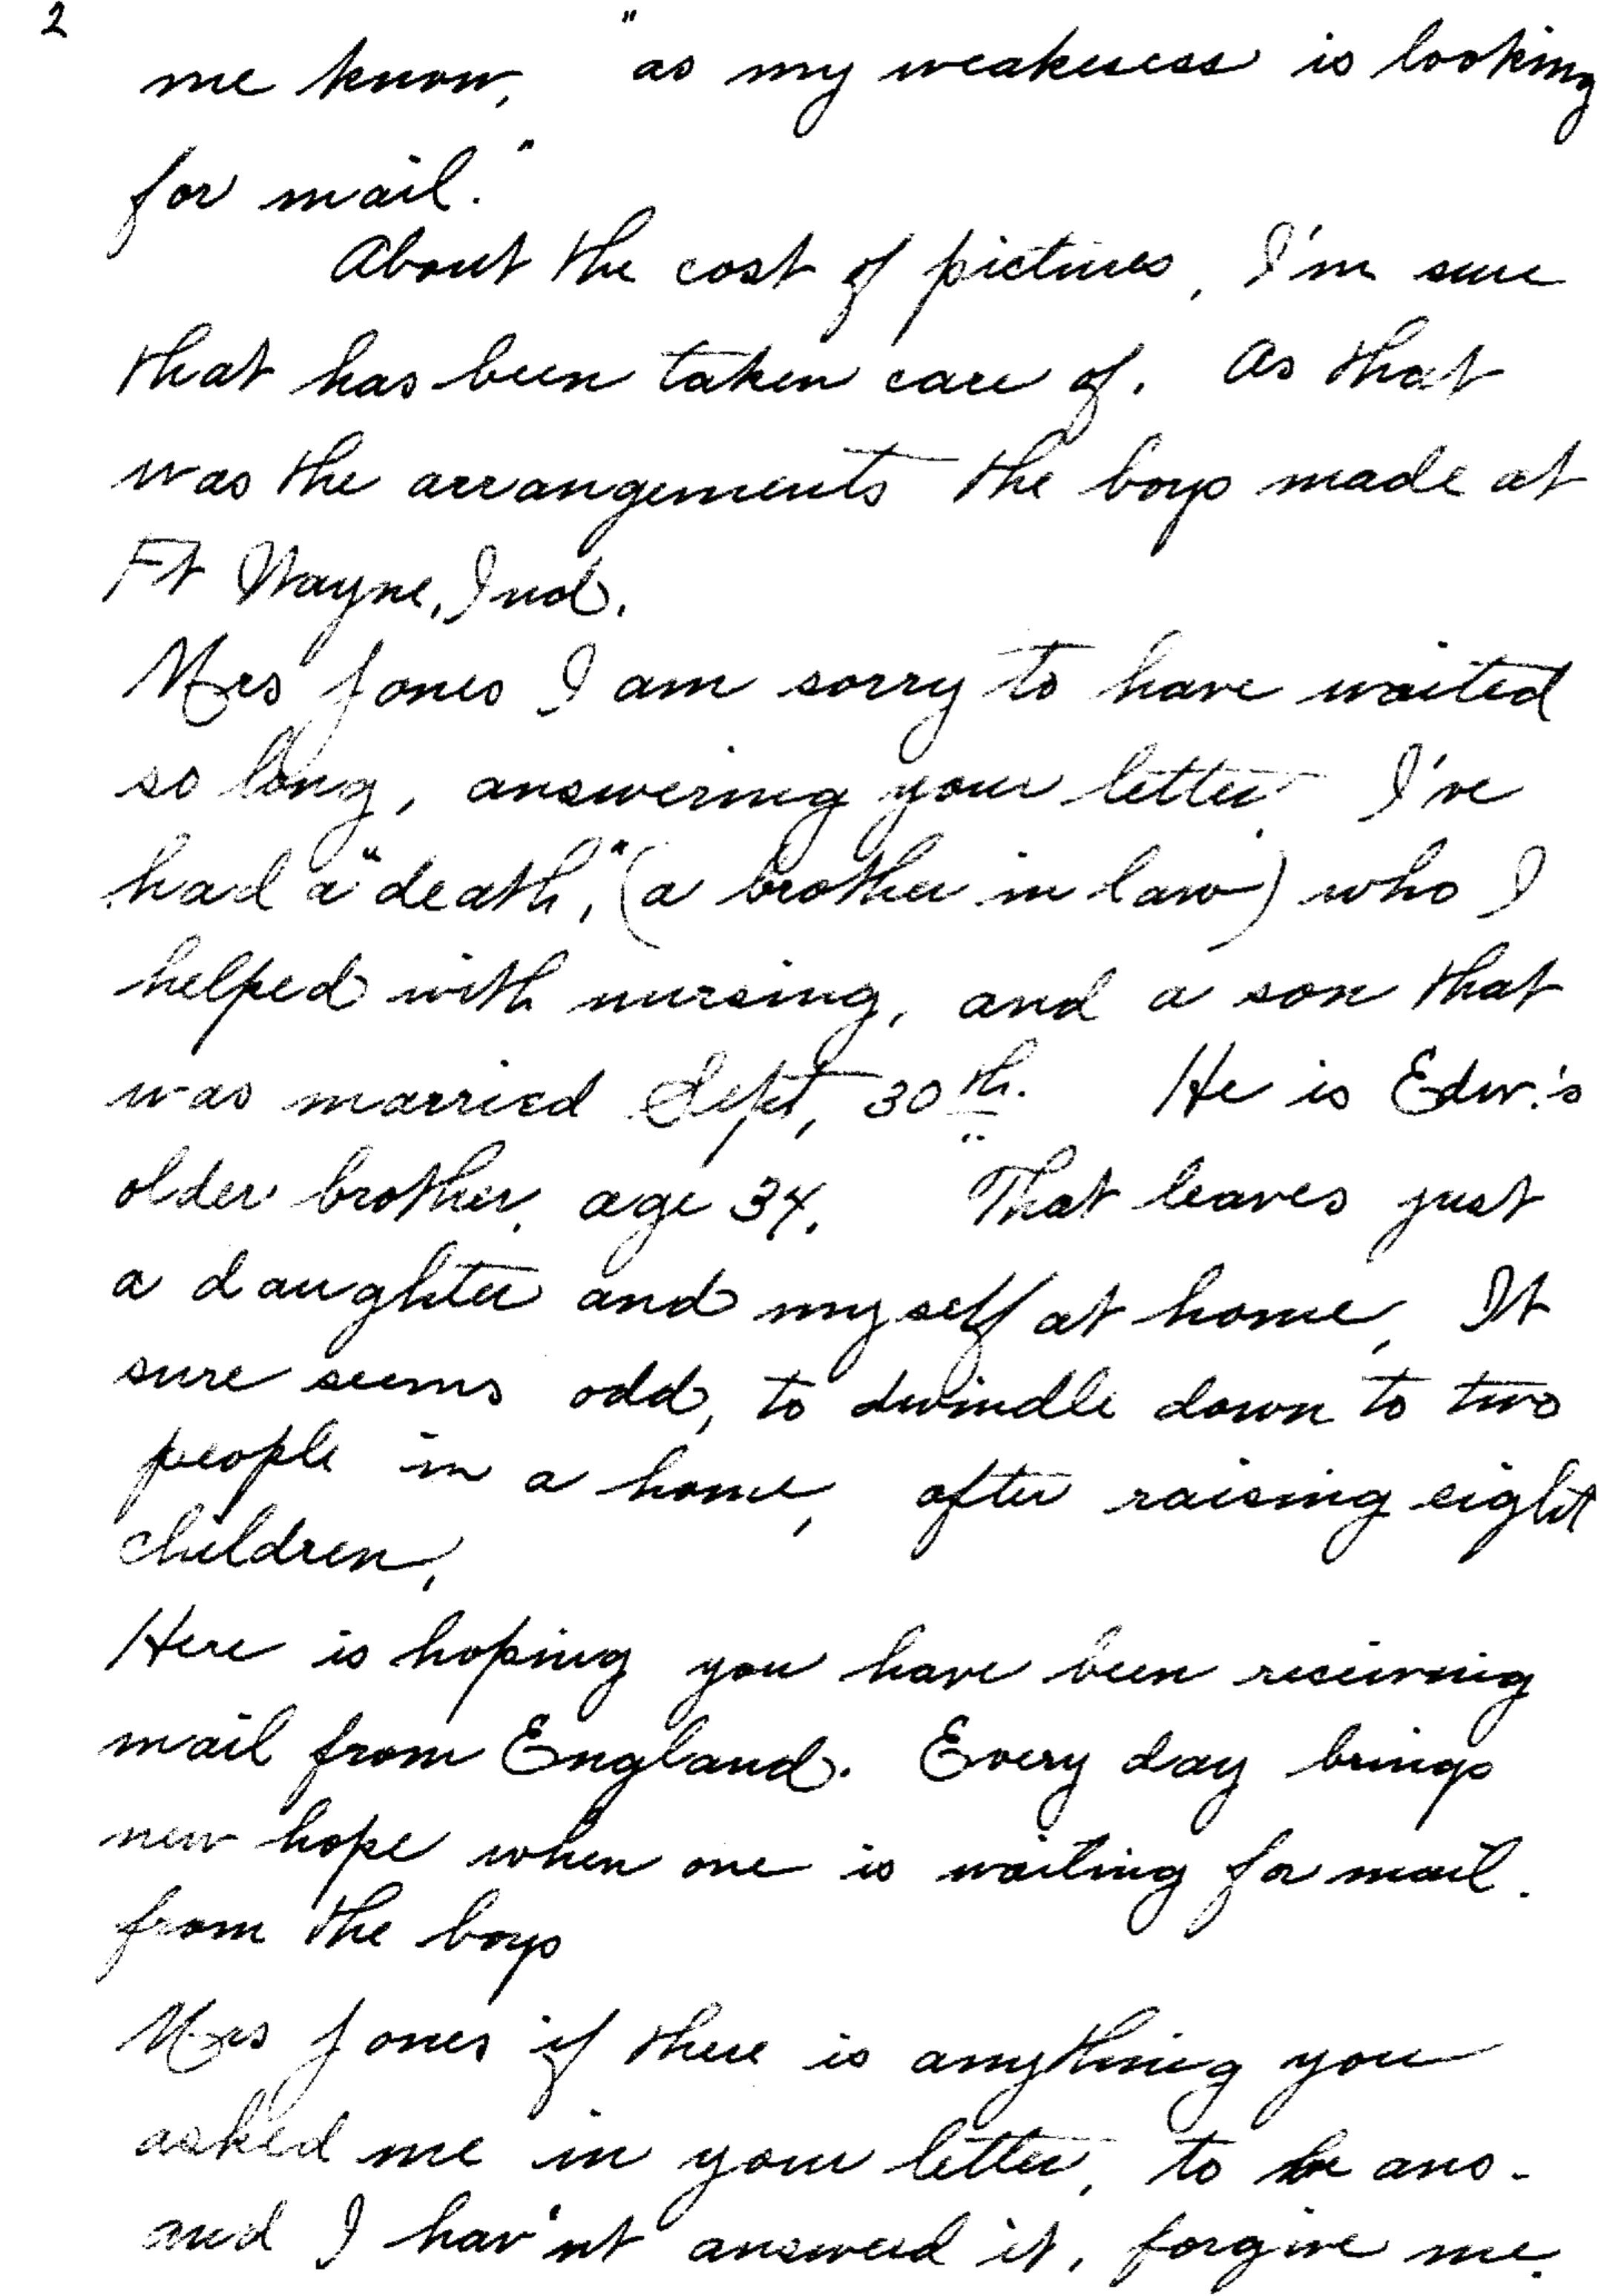 2 Hautman 10-11-1944 3.jpg